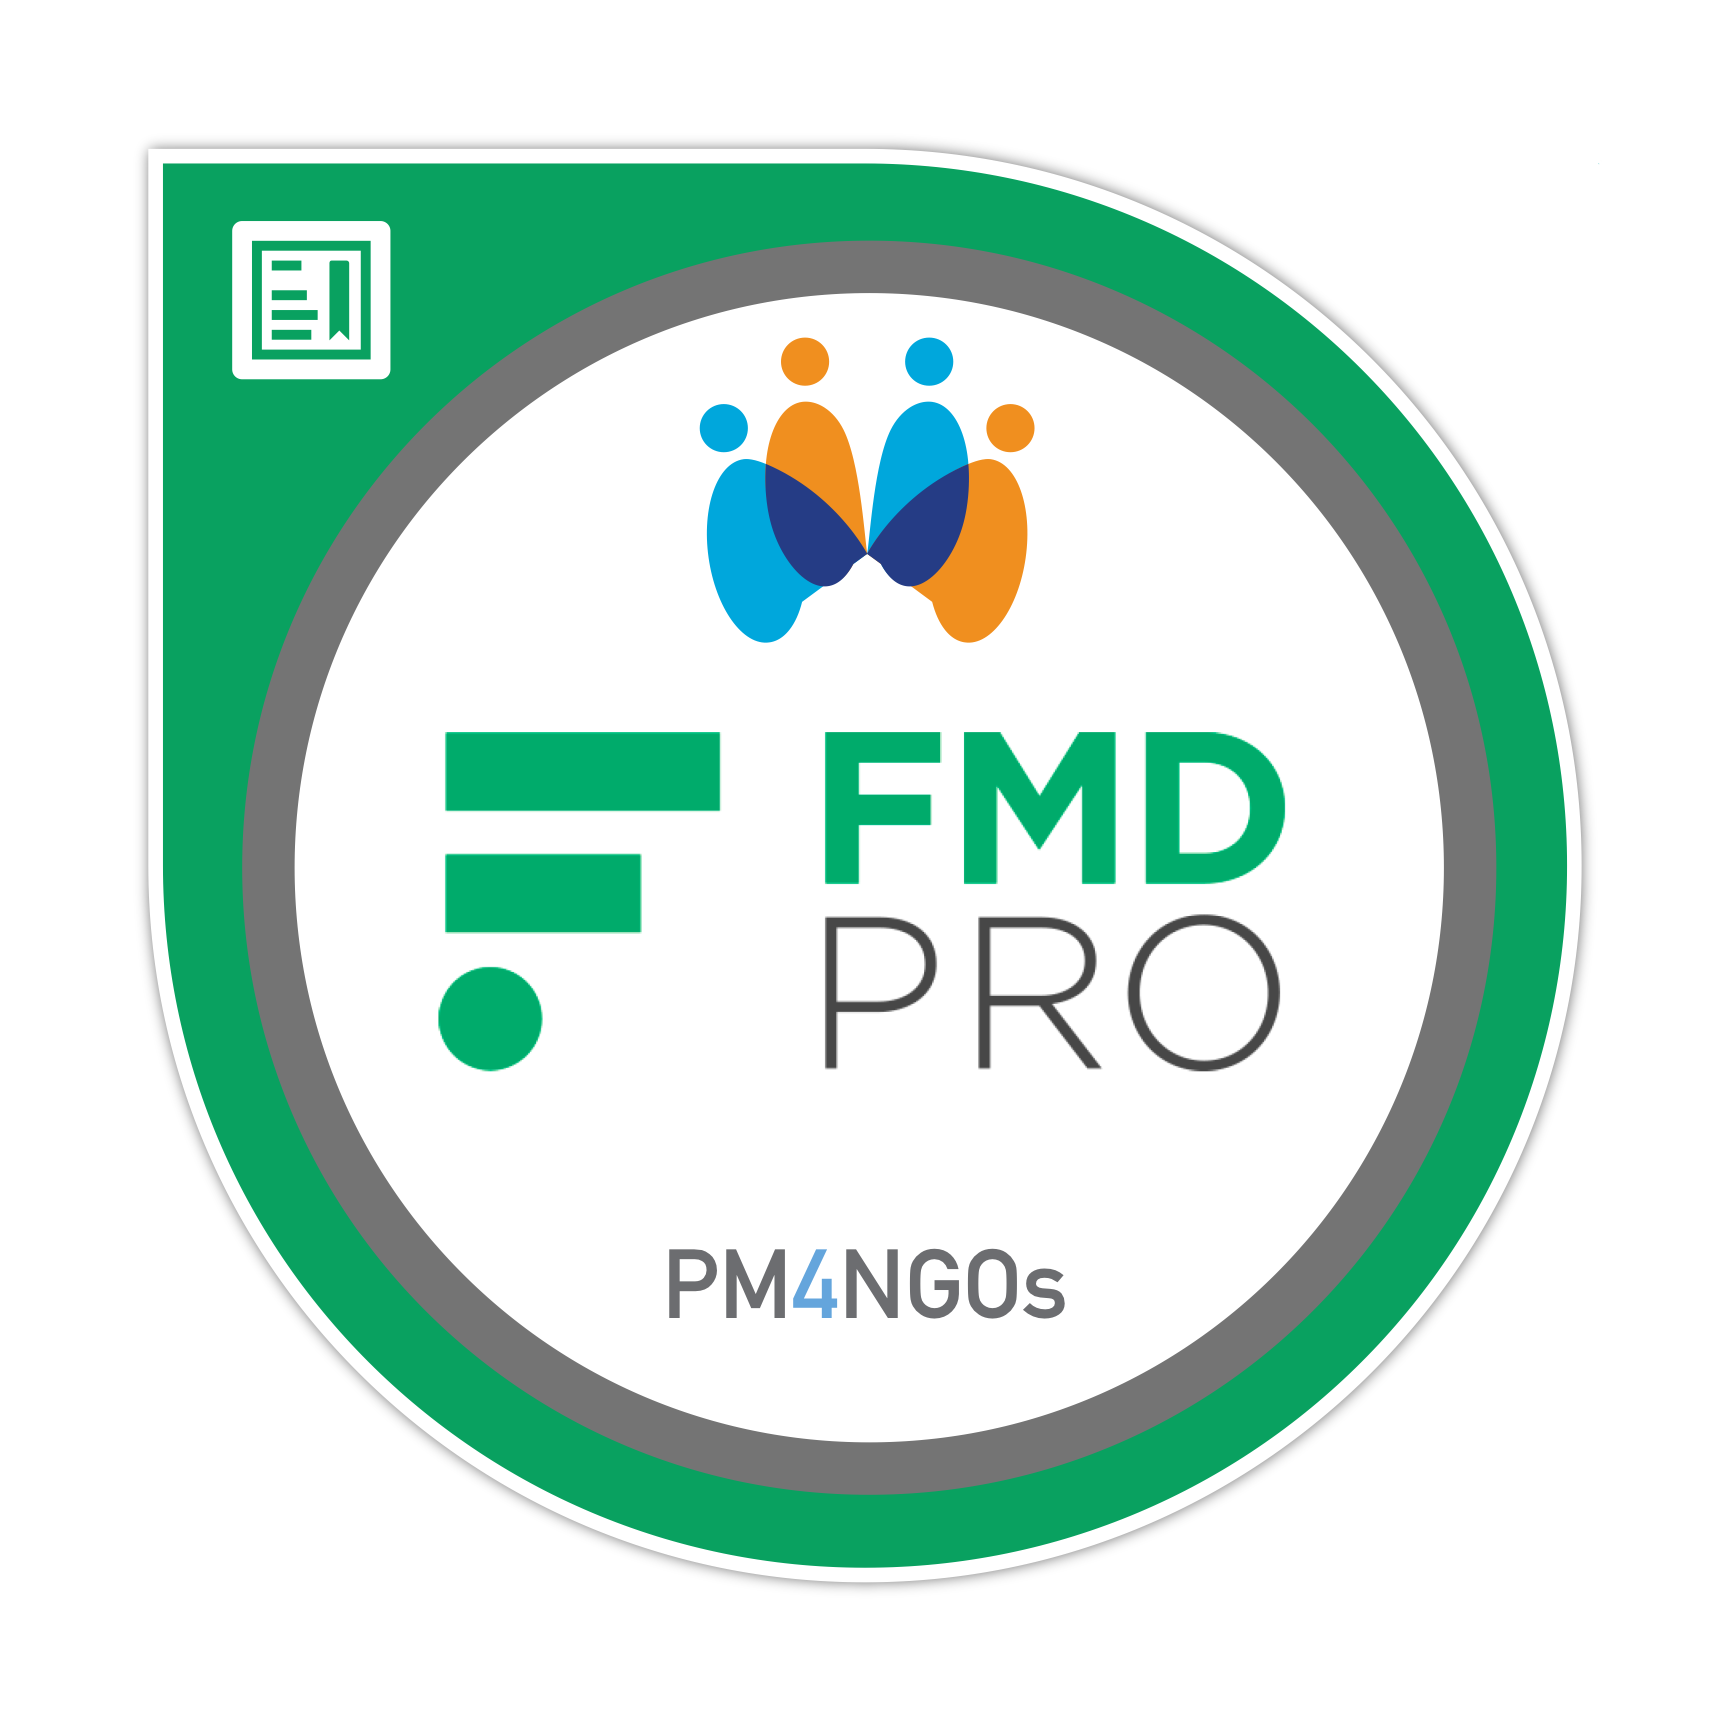 FMD Pro